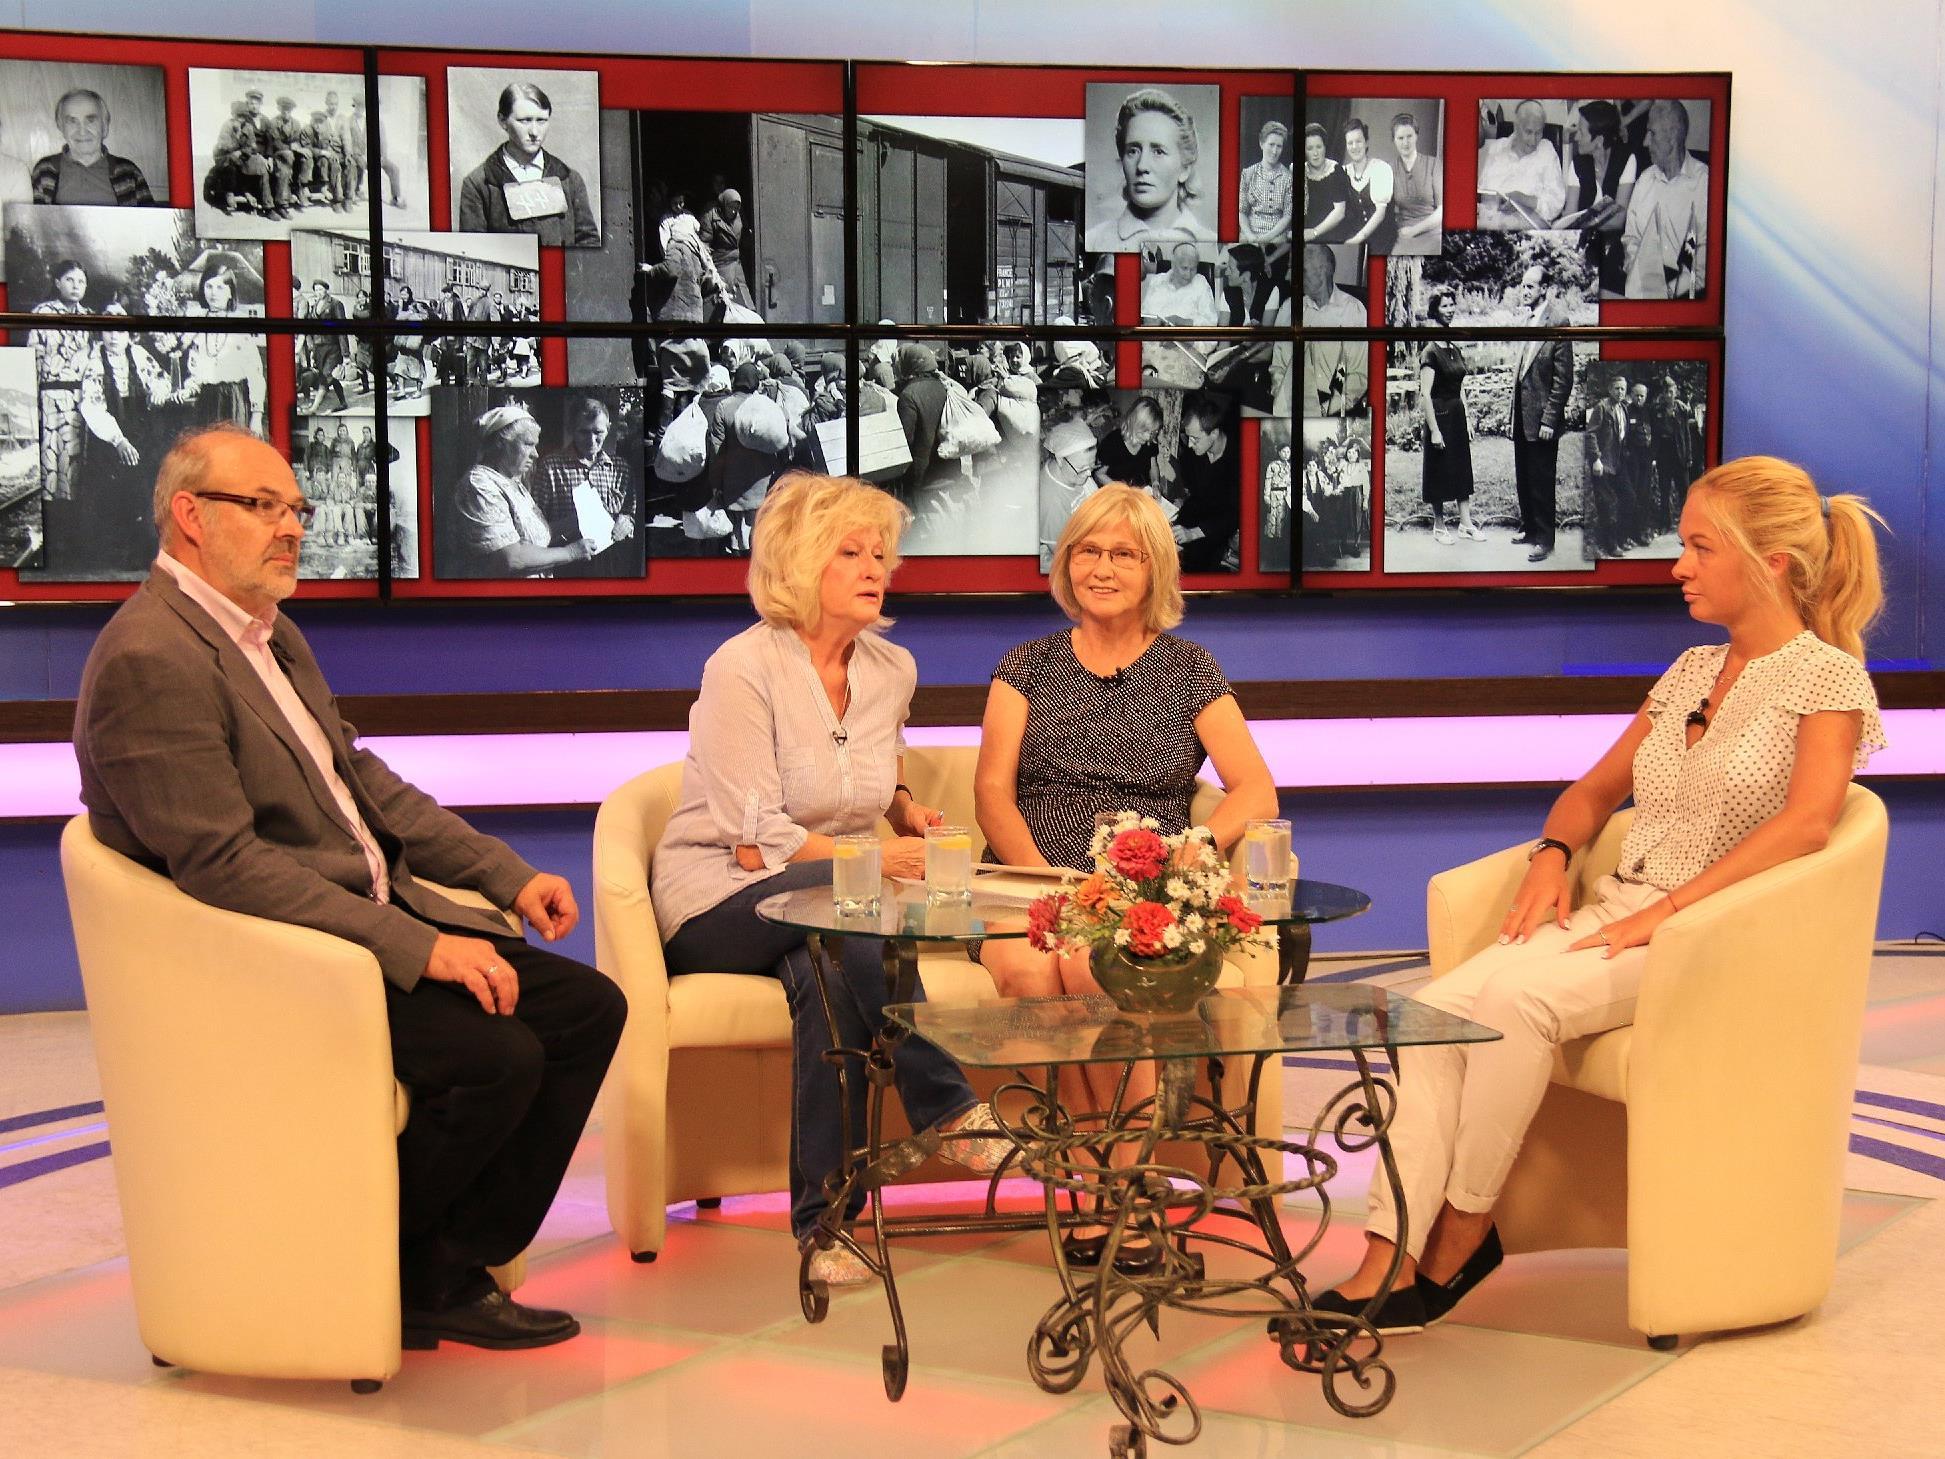 Buchpräsentation mit Werner Bundschuh, Moderatorin Sofia Kohmat, Margarethe Ruff und Viktoriya Romanchuk.